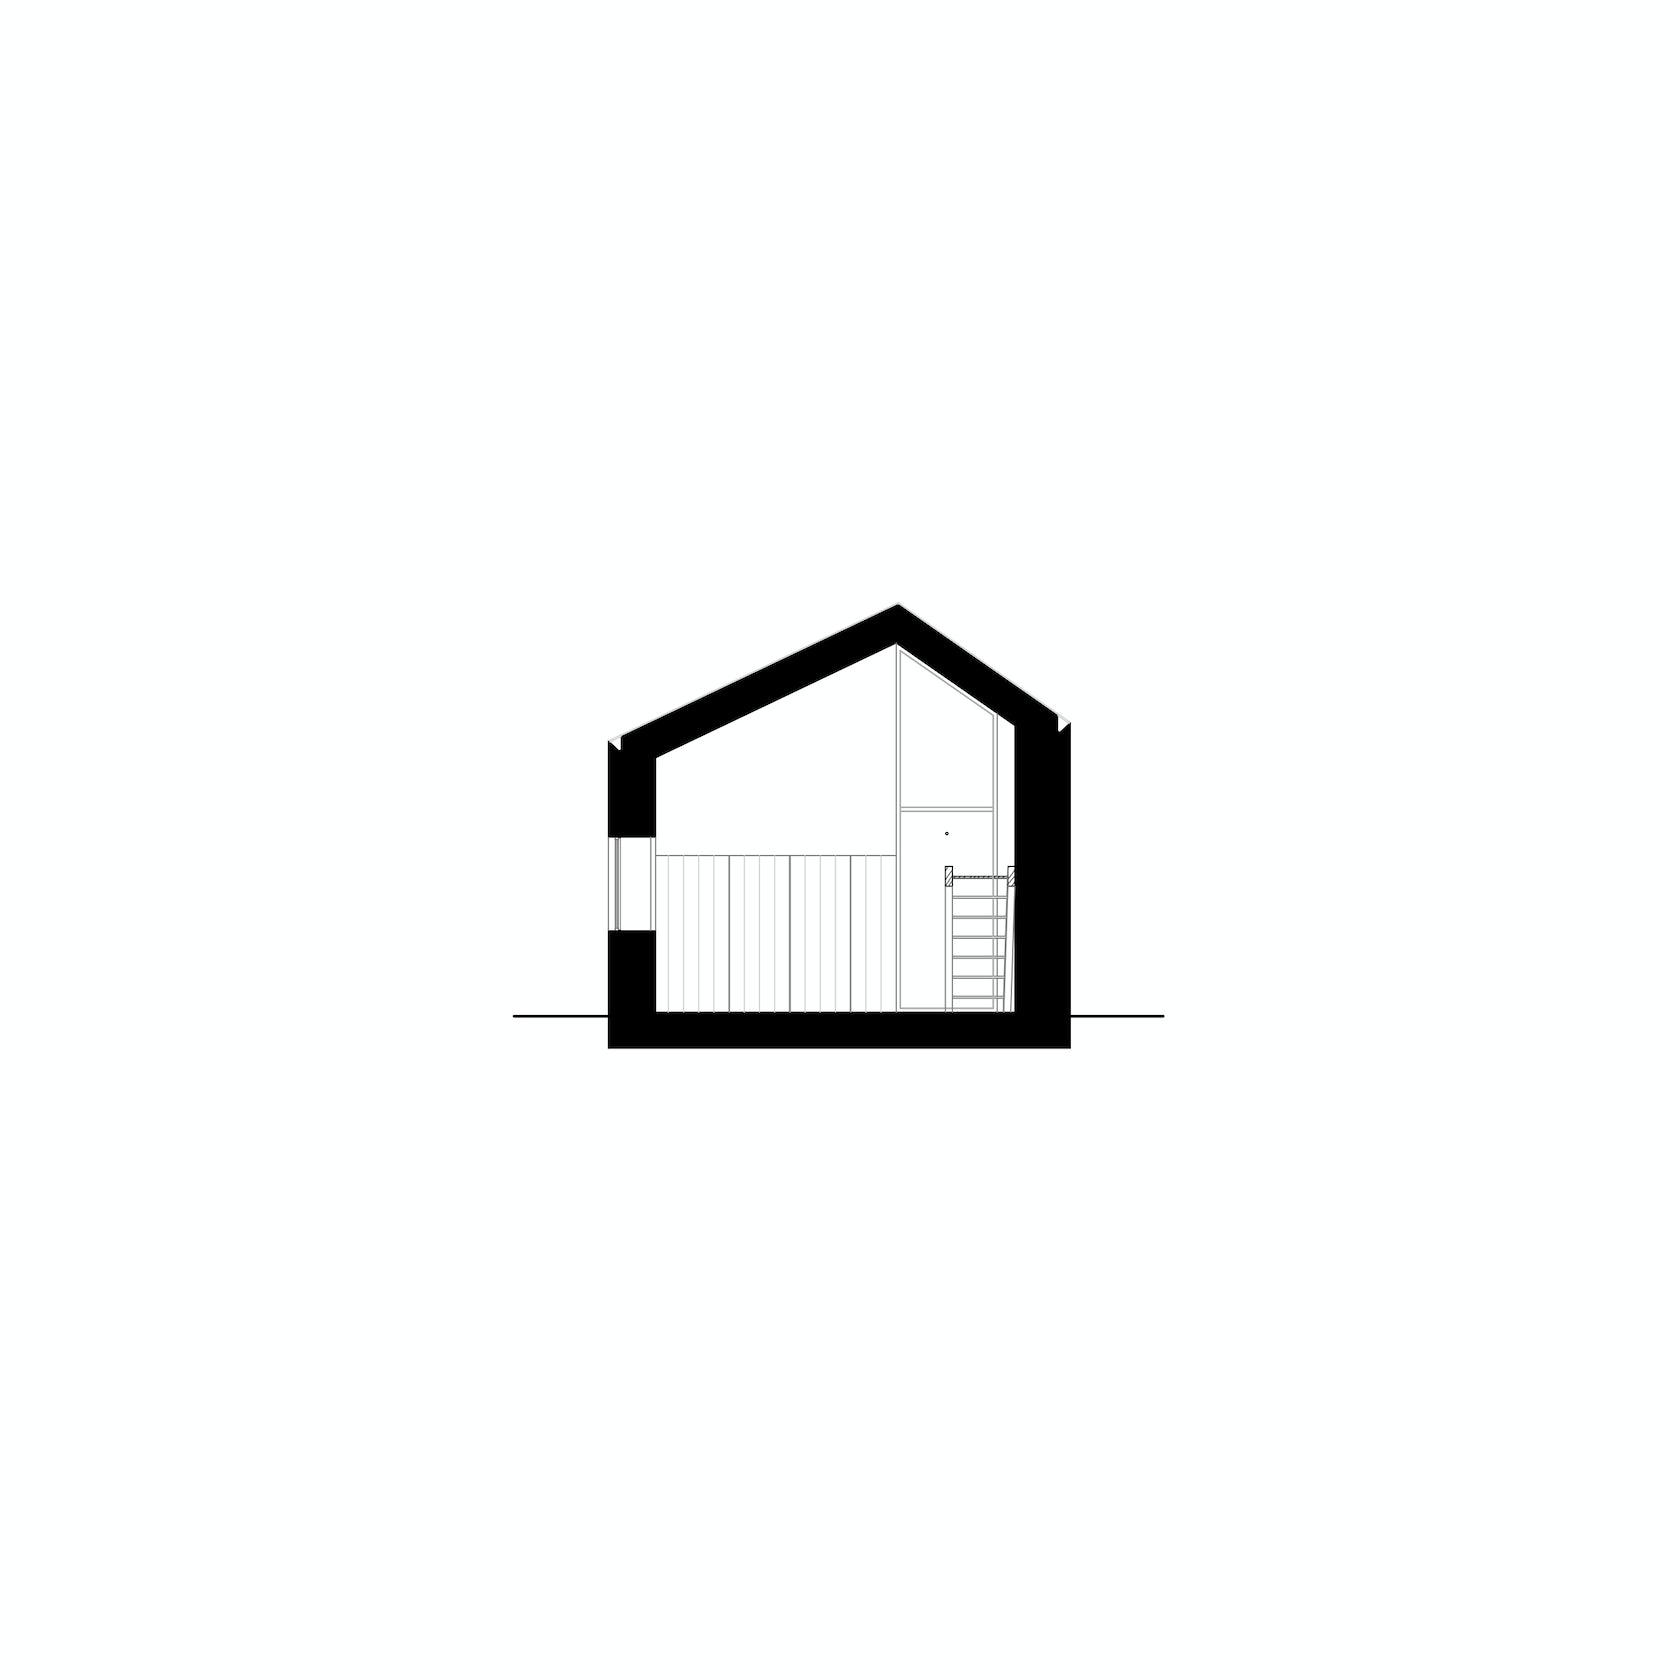 arquitectura de eventos of empresas arquitectura givareex com